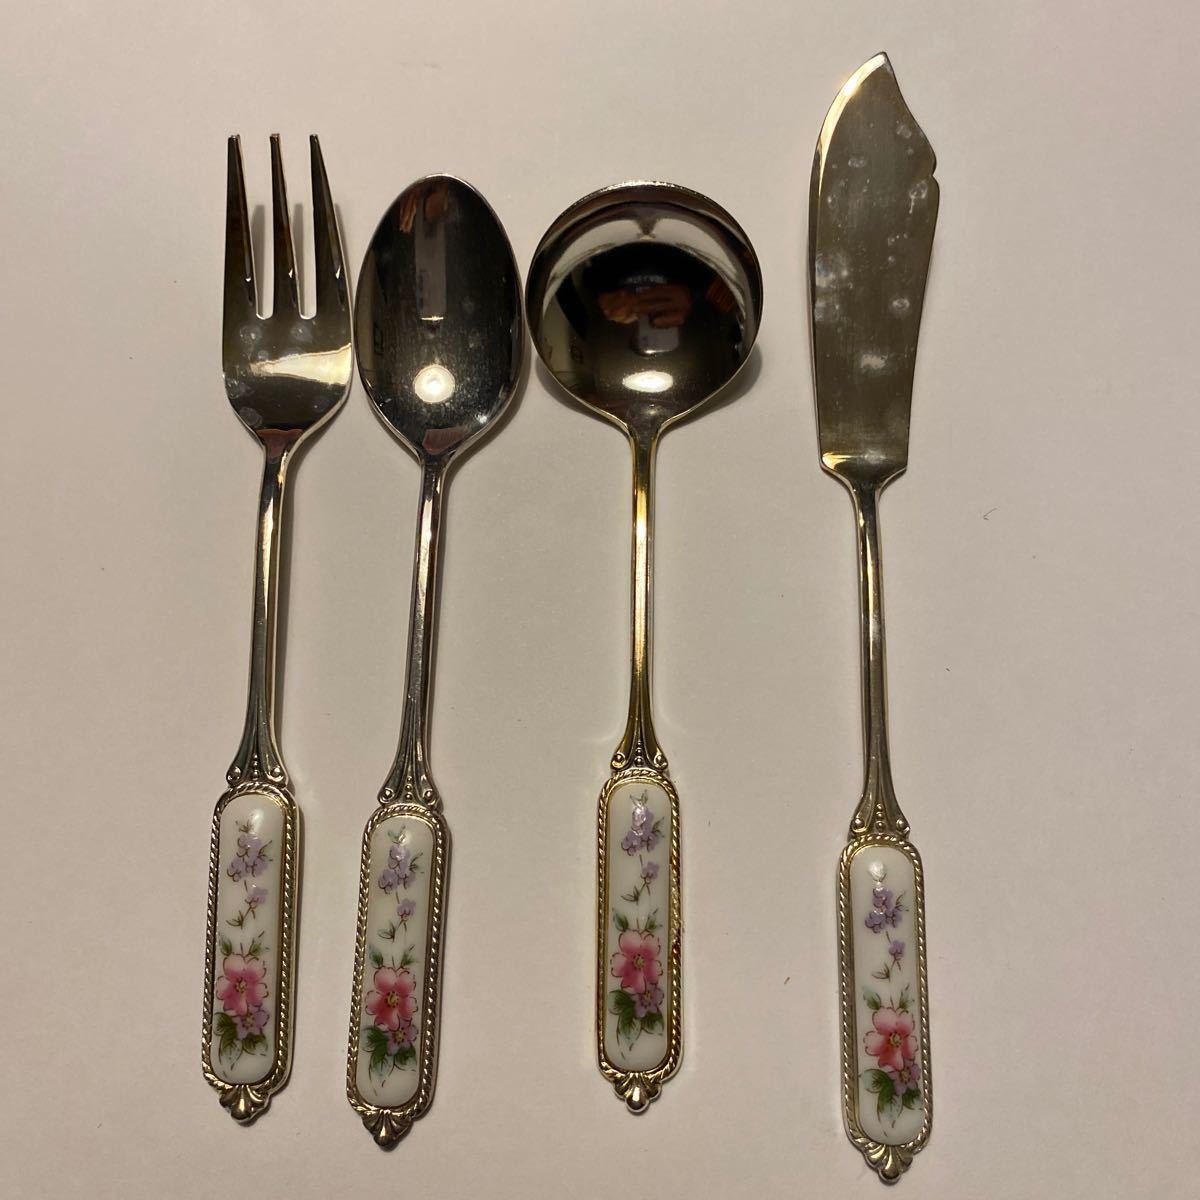 カトラリーセット、 スプーンセット(5)、フォークセット(5)、バターナイフ、シュガースプーン、AZUMA 銀製品、